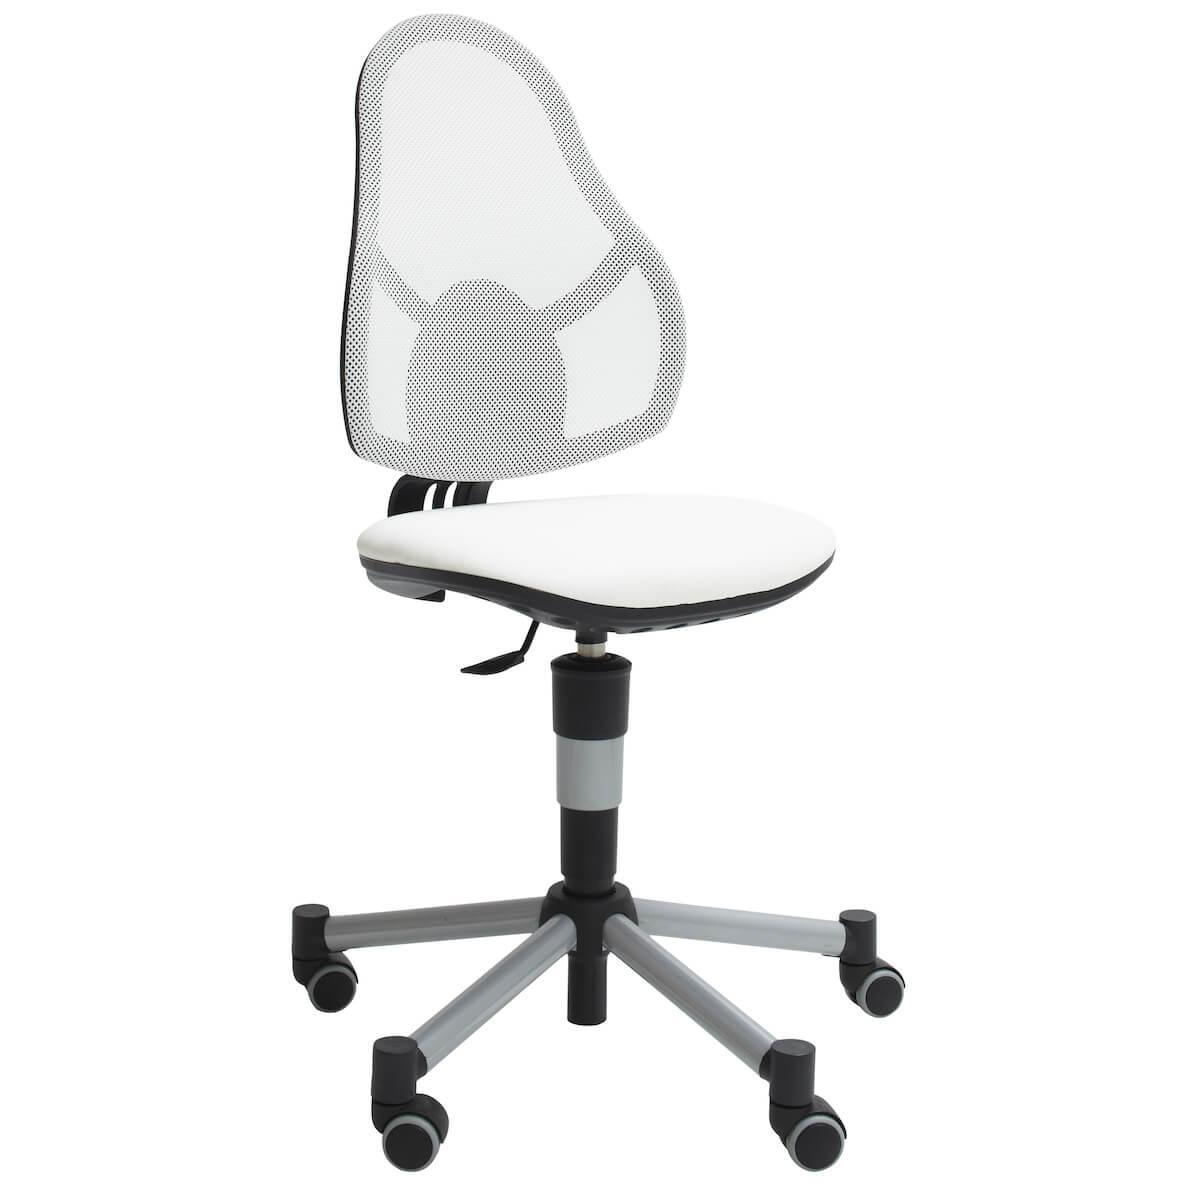 Silla escritorio DE LUXE Lifetime blanco